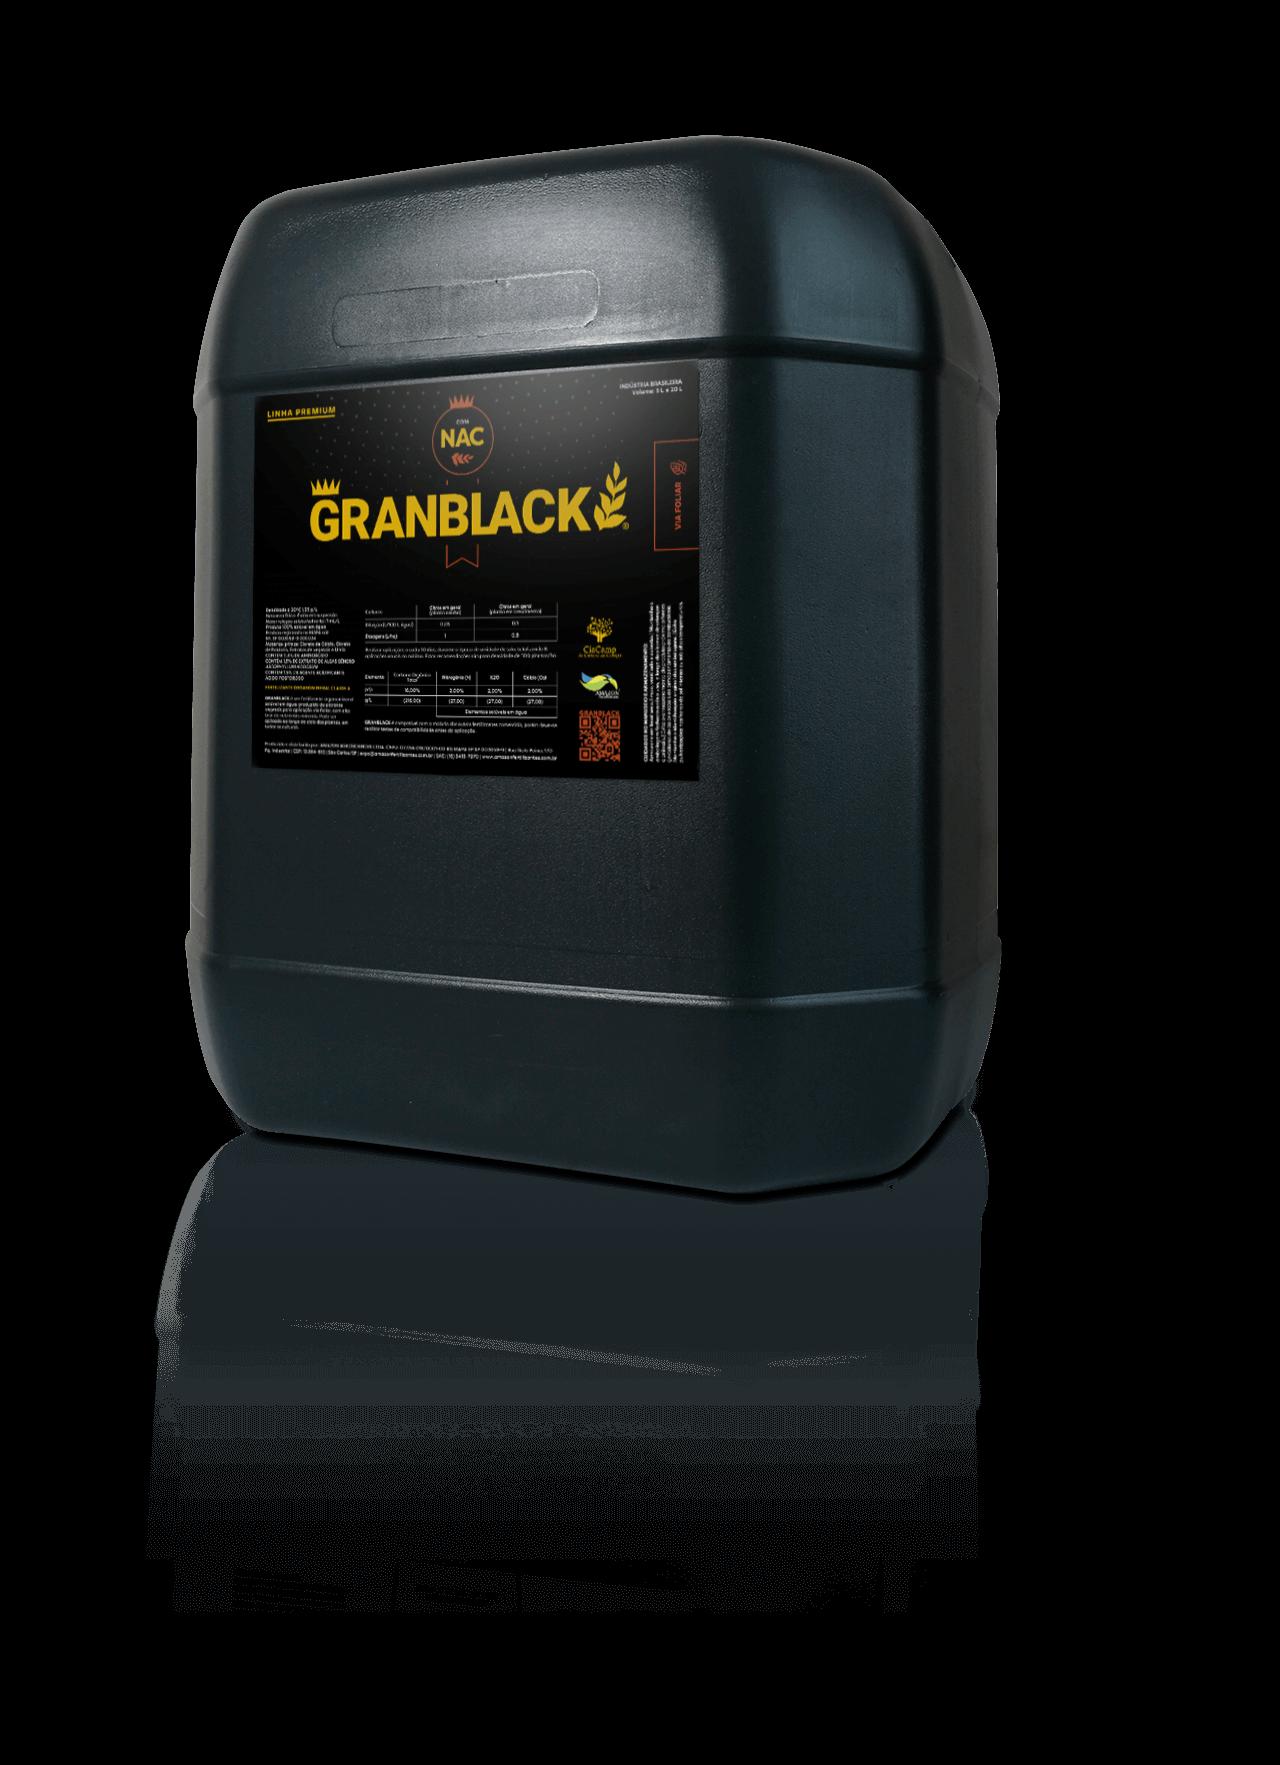 GRANBLACK Fertilizante Foliar Premium Bomba de 20L do Produto Com Reflexo Versão 2021